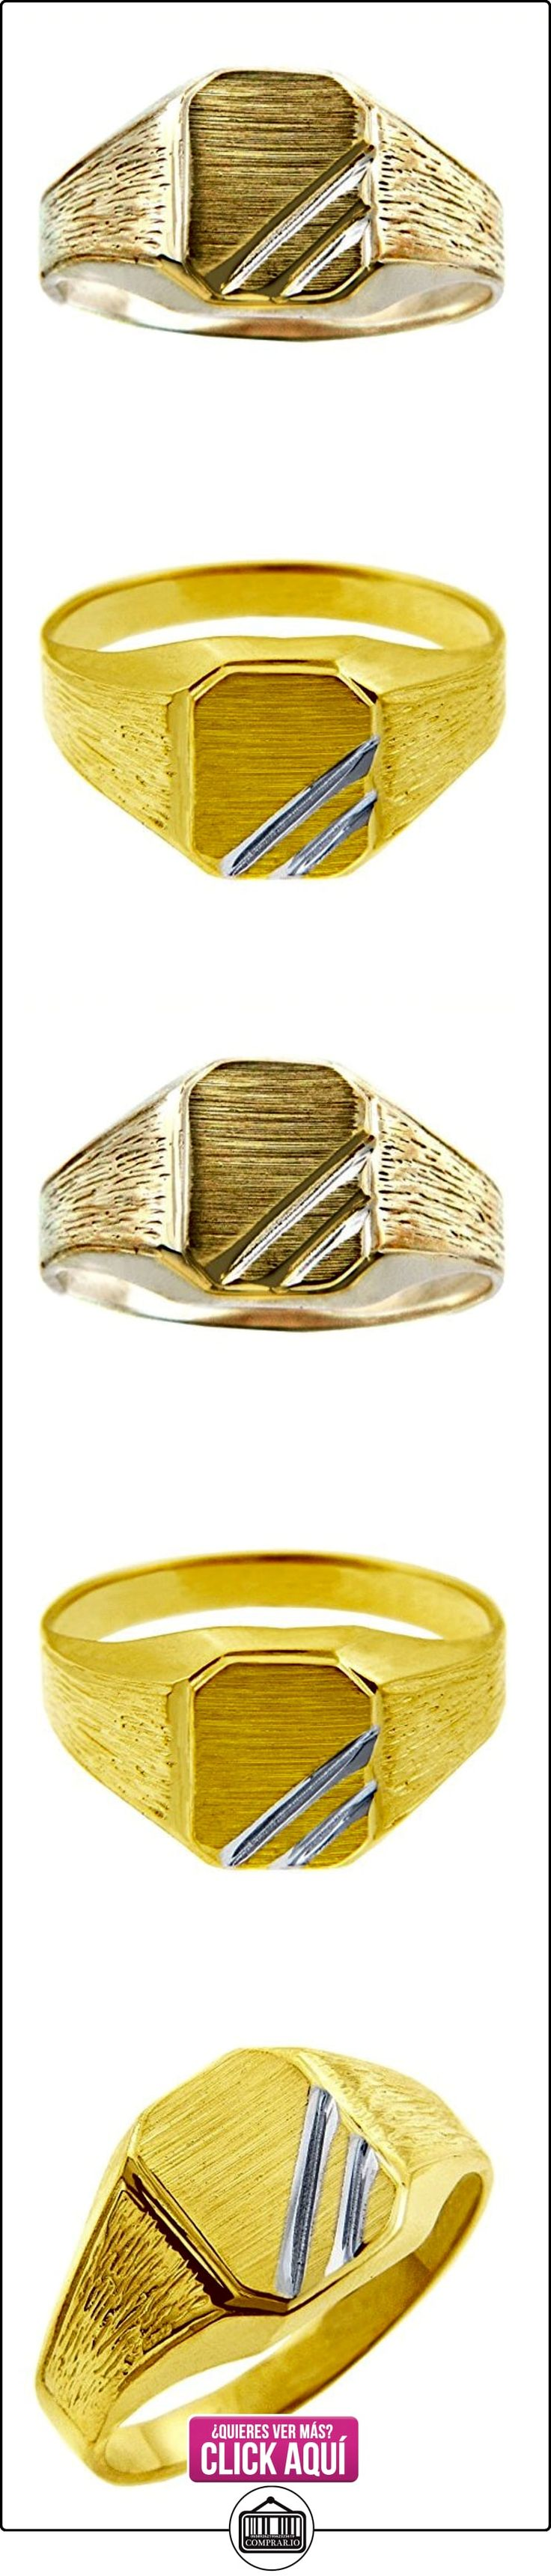 Pequeños Tesoros - Anillos Hombres 10 Kt Oro 2 Colores 471/1000 Zeus Sortija De sello  ✿ Joyas para hombres especiales - lujo ✿ ▬► Ver oferta: https://comprar.io/goto/B012785K5W